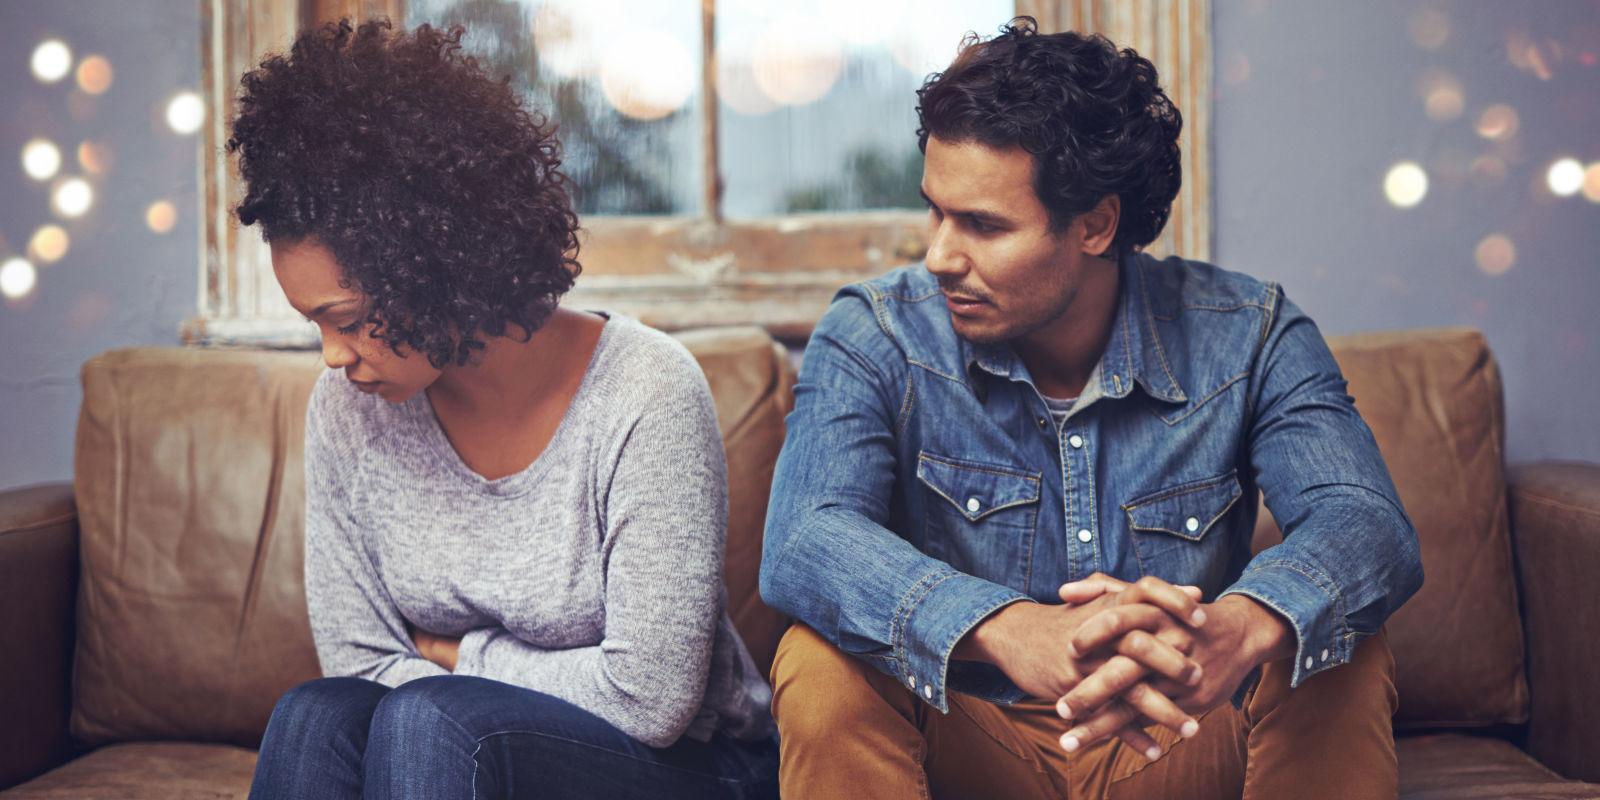 Eski Sevgiliye Dönmemeniz İçin 5 SEBEP